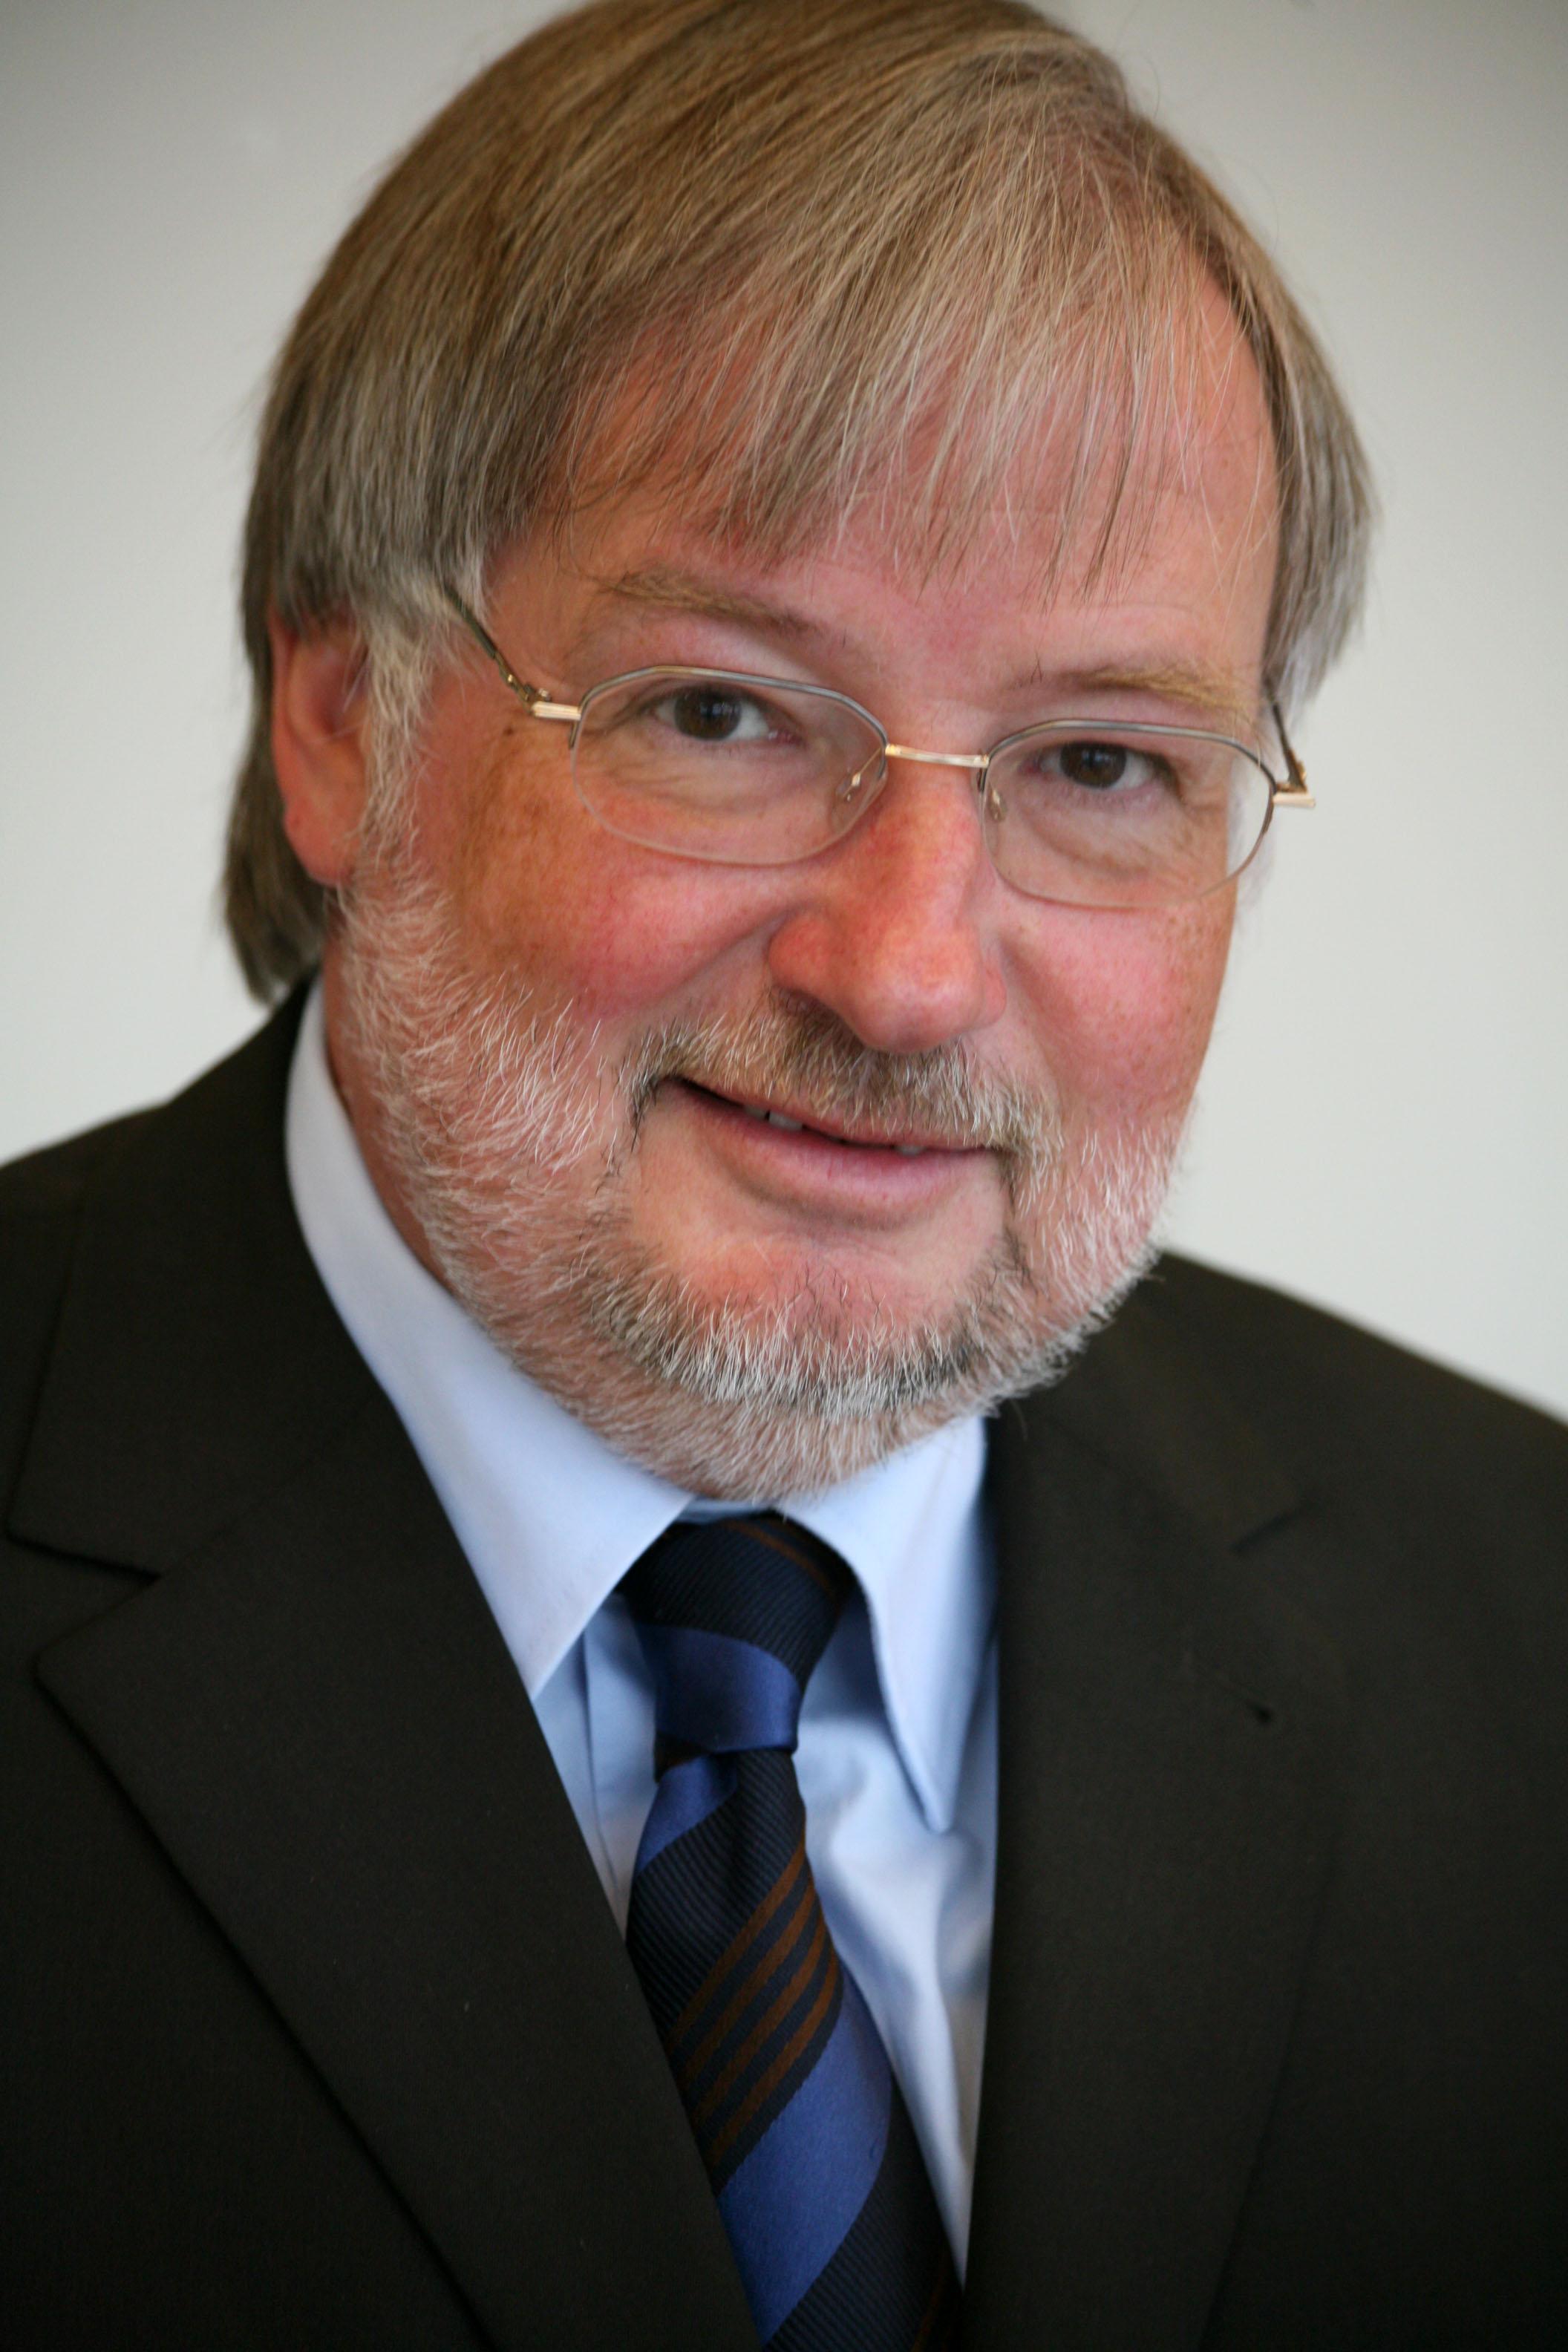 Werner Damm